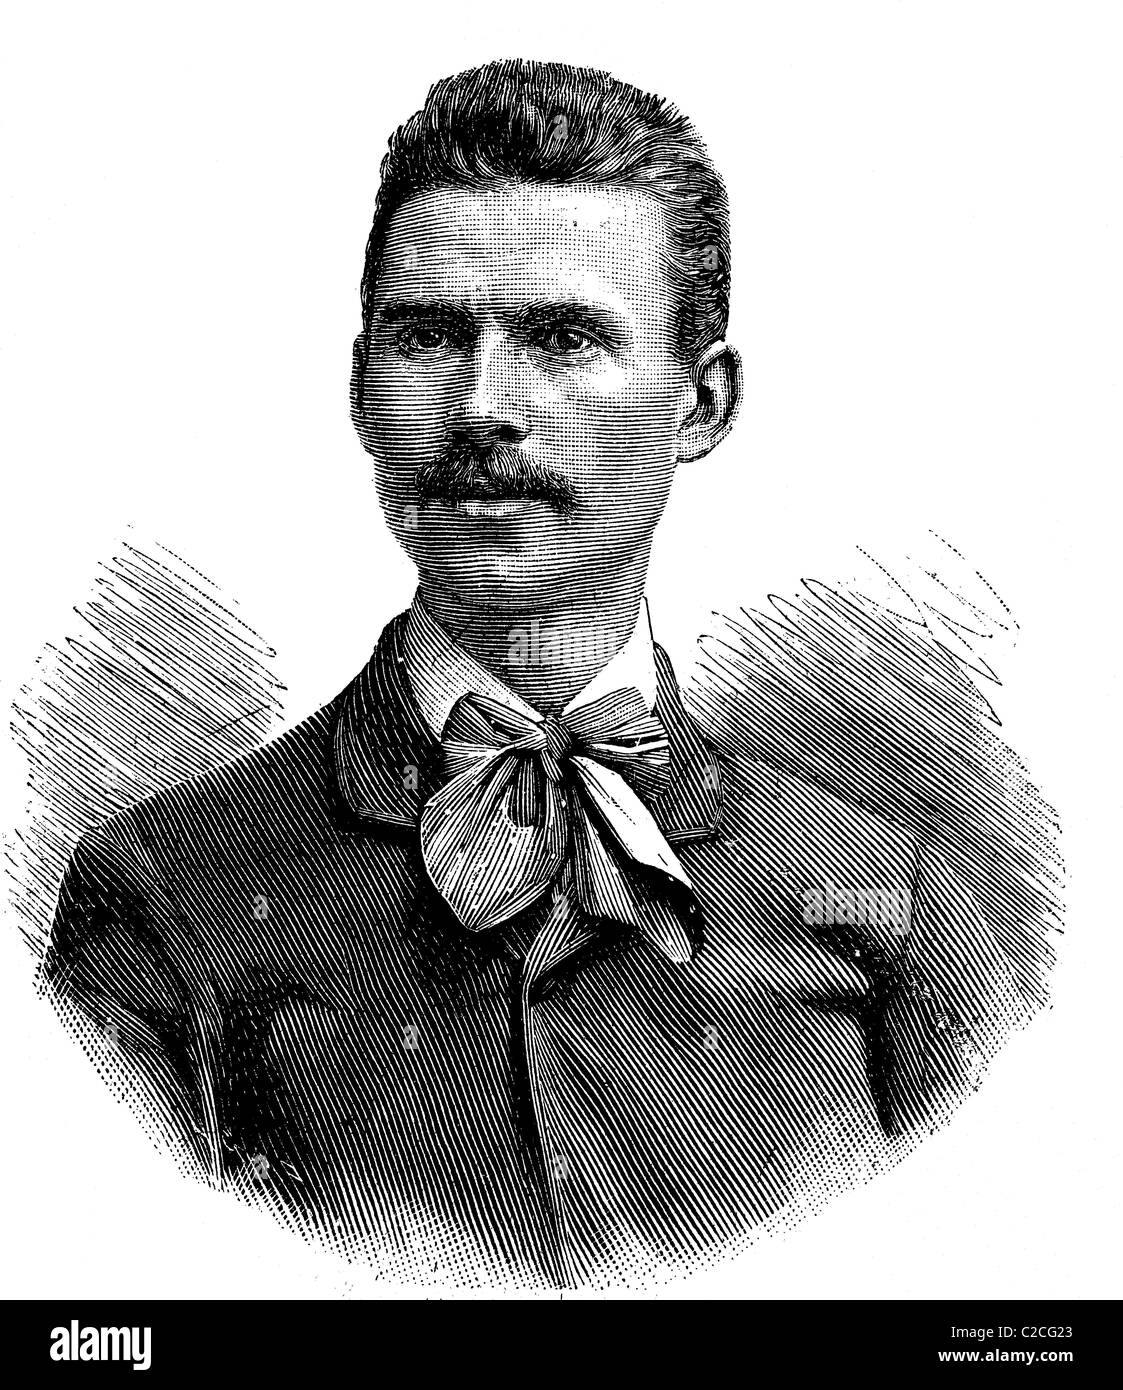 Arno Elsaesser, uno dei vincitori della distanza marzo Vienna - Berlino 1893, storico illustrazione circa 1893 Immagini Stock